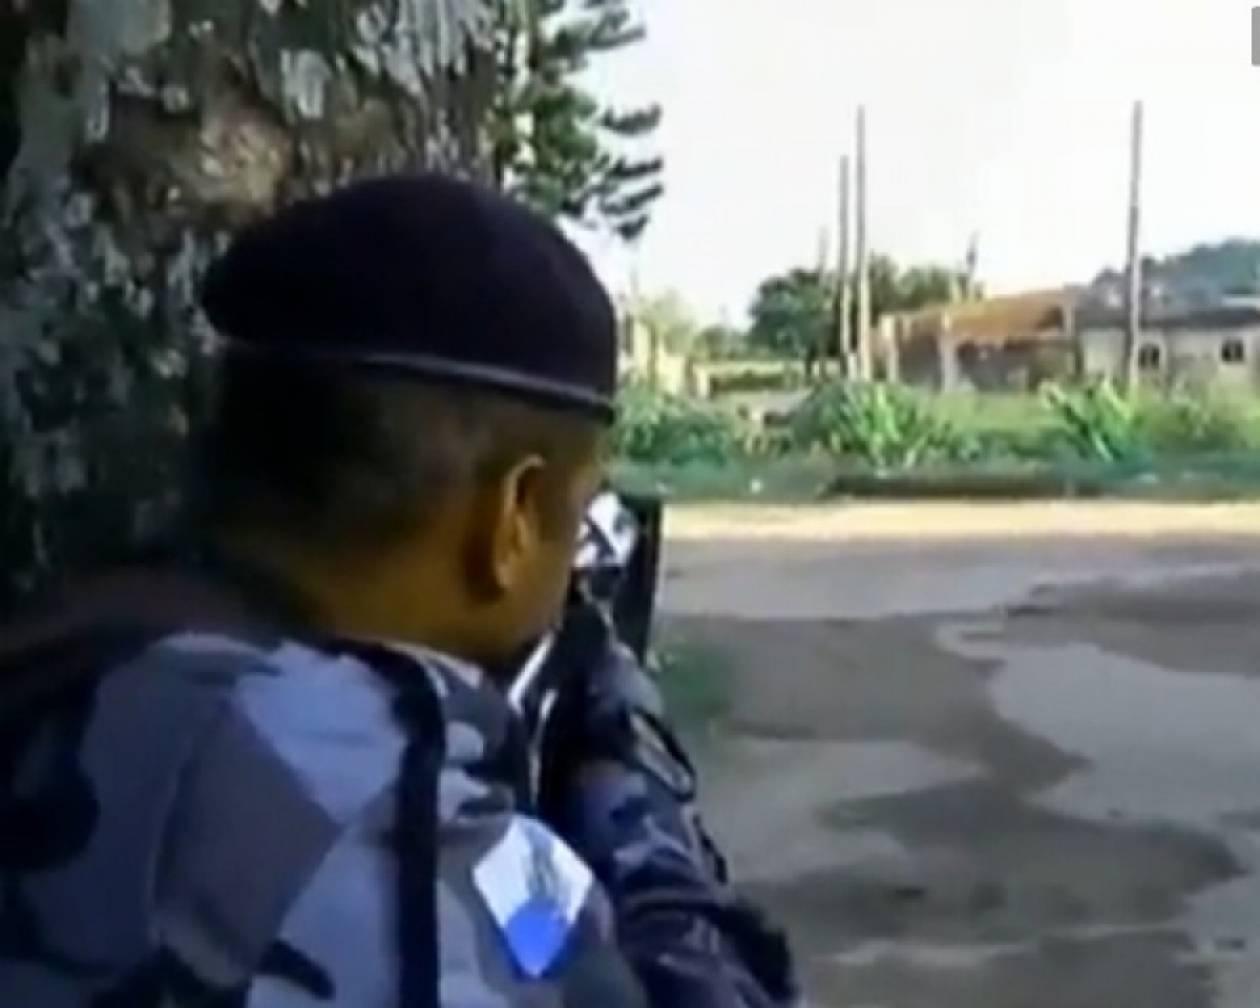 Θάνατος εικονολήπτη από πυροβολισμό on camera